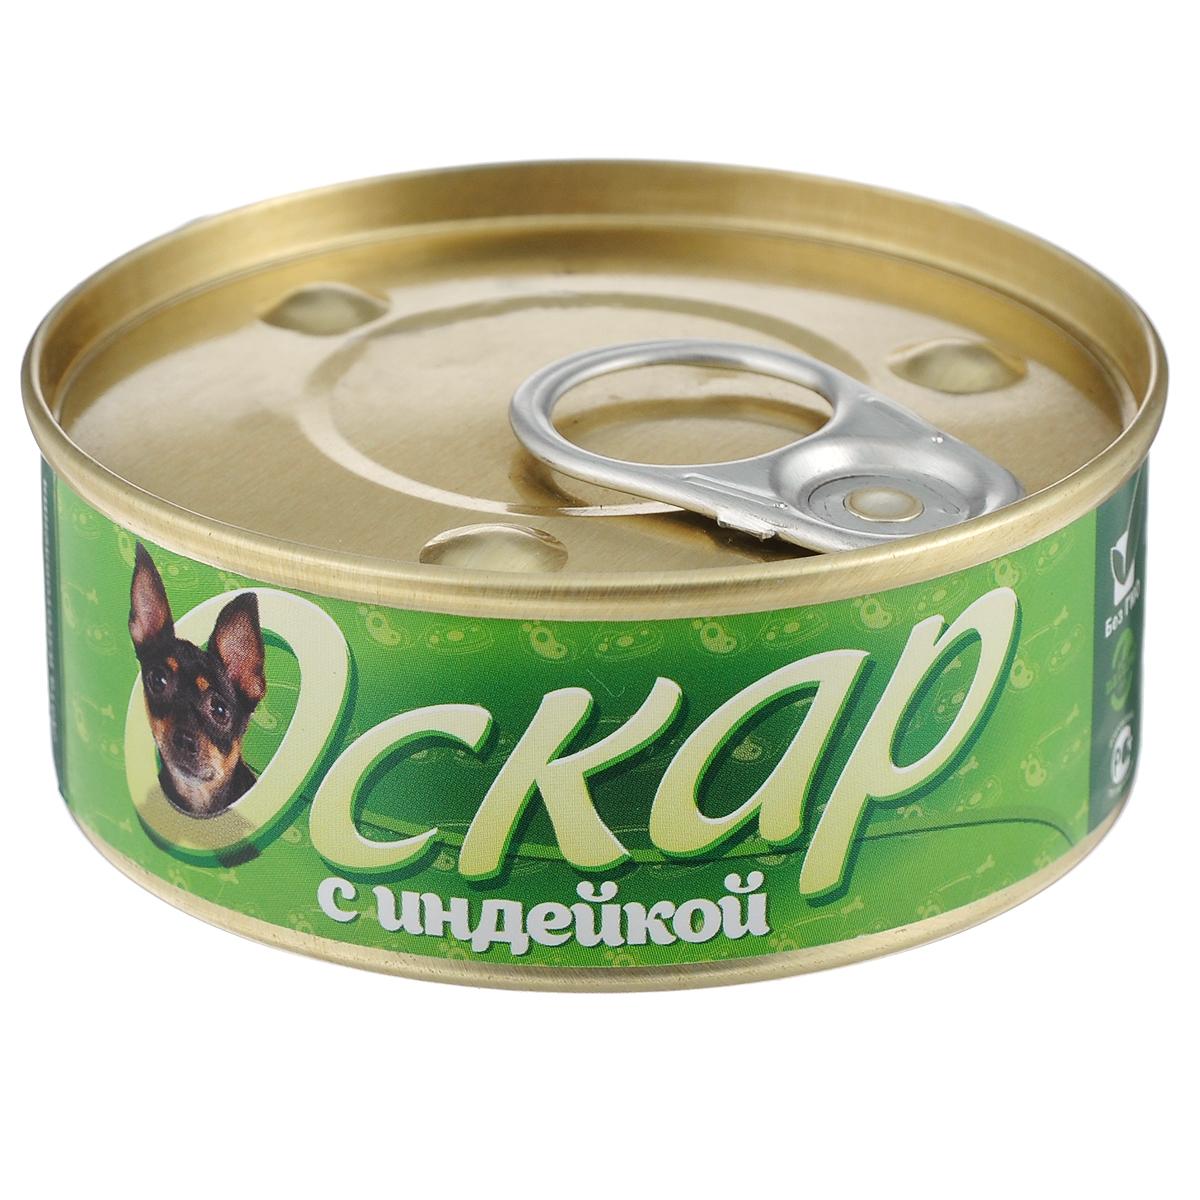 Консервы для собак Оскар, с индейкой, 100 г55965Консервы для собак Оскар изготовлены из натурального мясного сырья. Не содержат сои, ароматизаторов, искусственных красителей, ГМО. Состав: говядина, мясо птицы, субпродукты, растительное масло, натуральная желирующая добавка, вода. Пищевая ценность (100 г): протеин 14%, жир 4%, углеводы 4%, клетчатка 0,1%, зола 2%, влага 80%. Энергетическая ценность (на 100 г): 108 кКал. Товар сертифицирован.